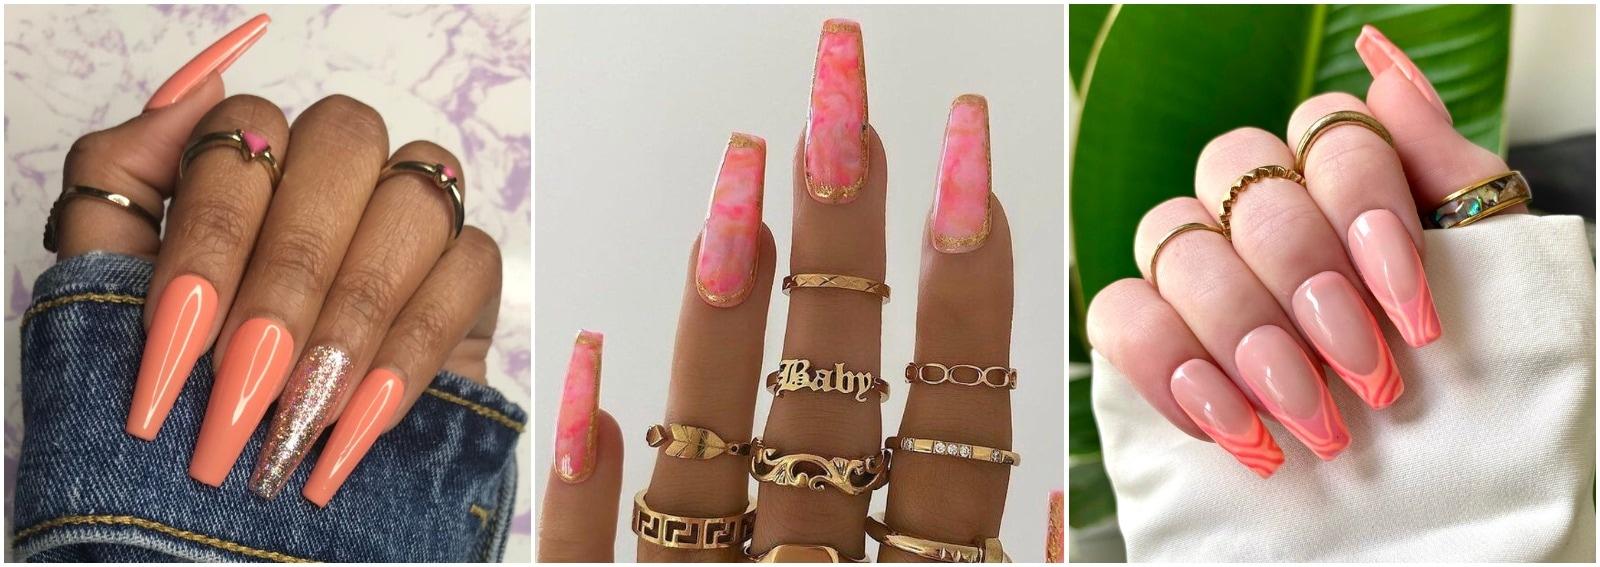 unghie pesca 2021 pastello corallo fluo nail art cover desktop